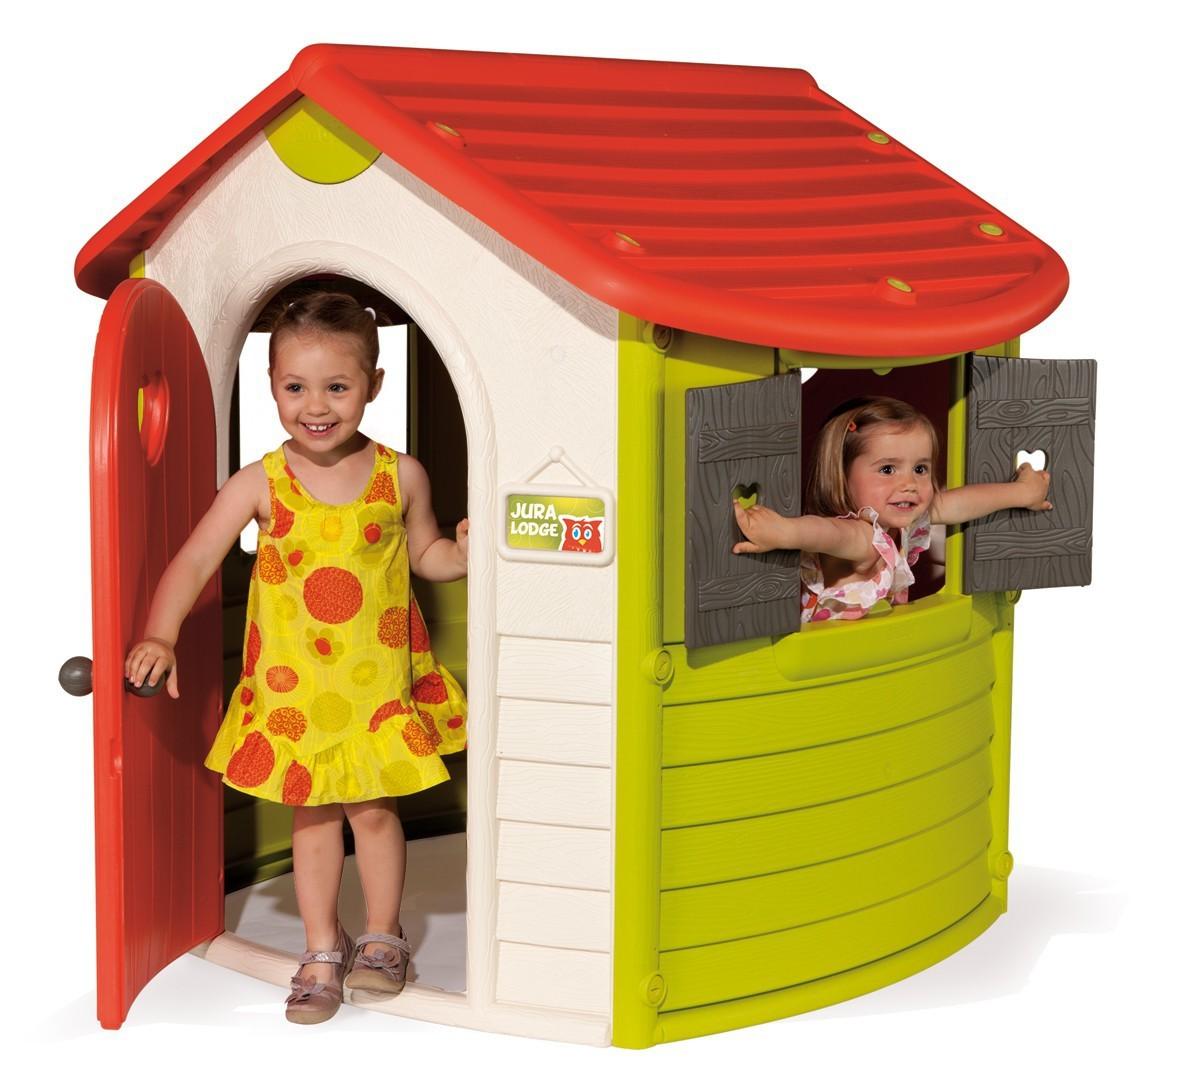 SMOBY 310190 domček pre deti Jura Lodge s okenicami biely s UV filtrom 132 cm vysoký od 24 mesiacov